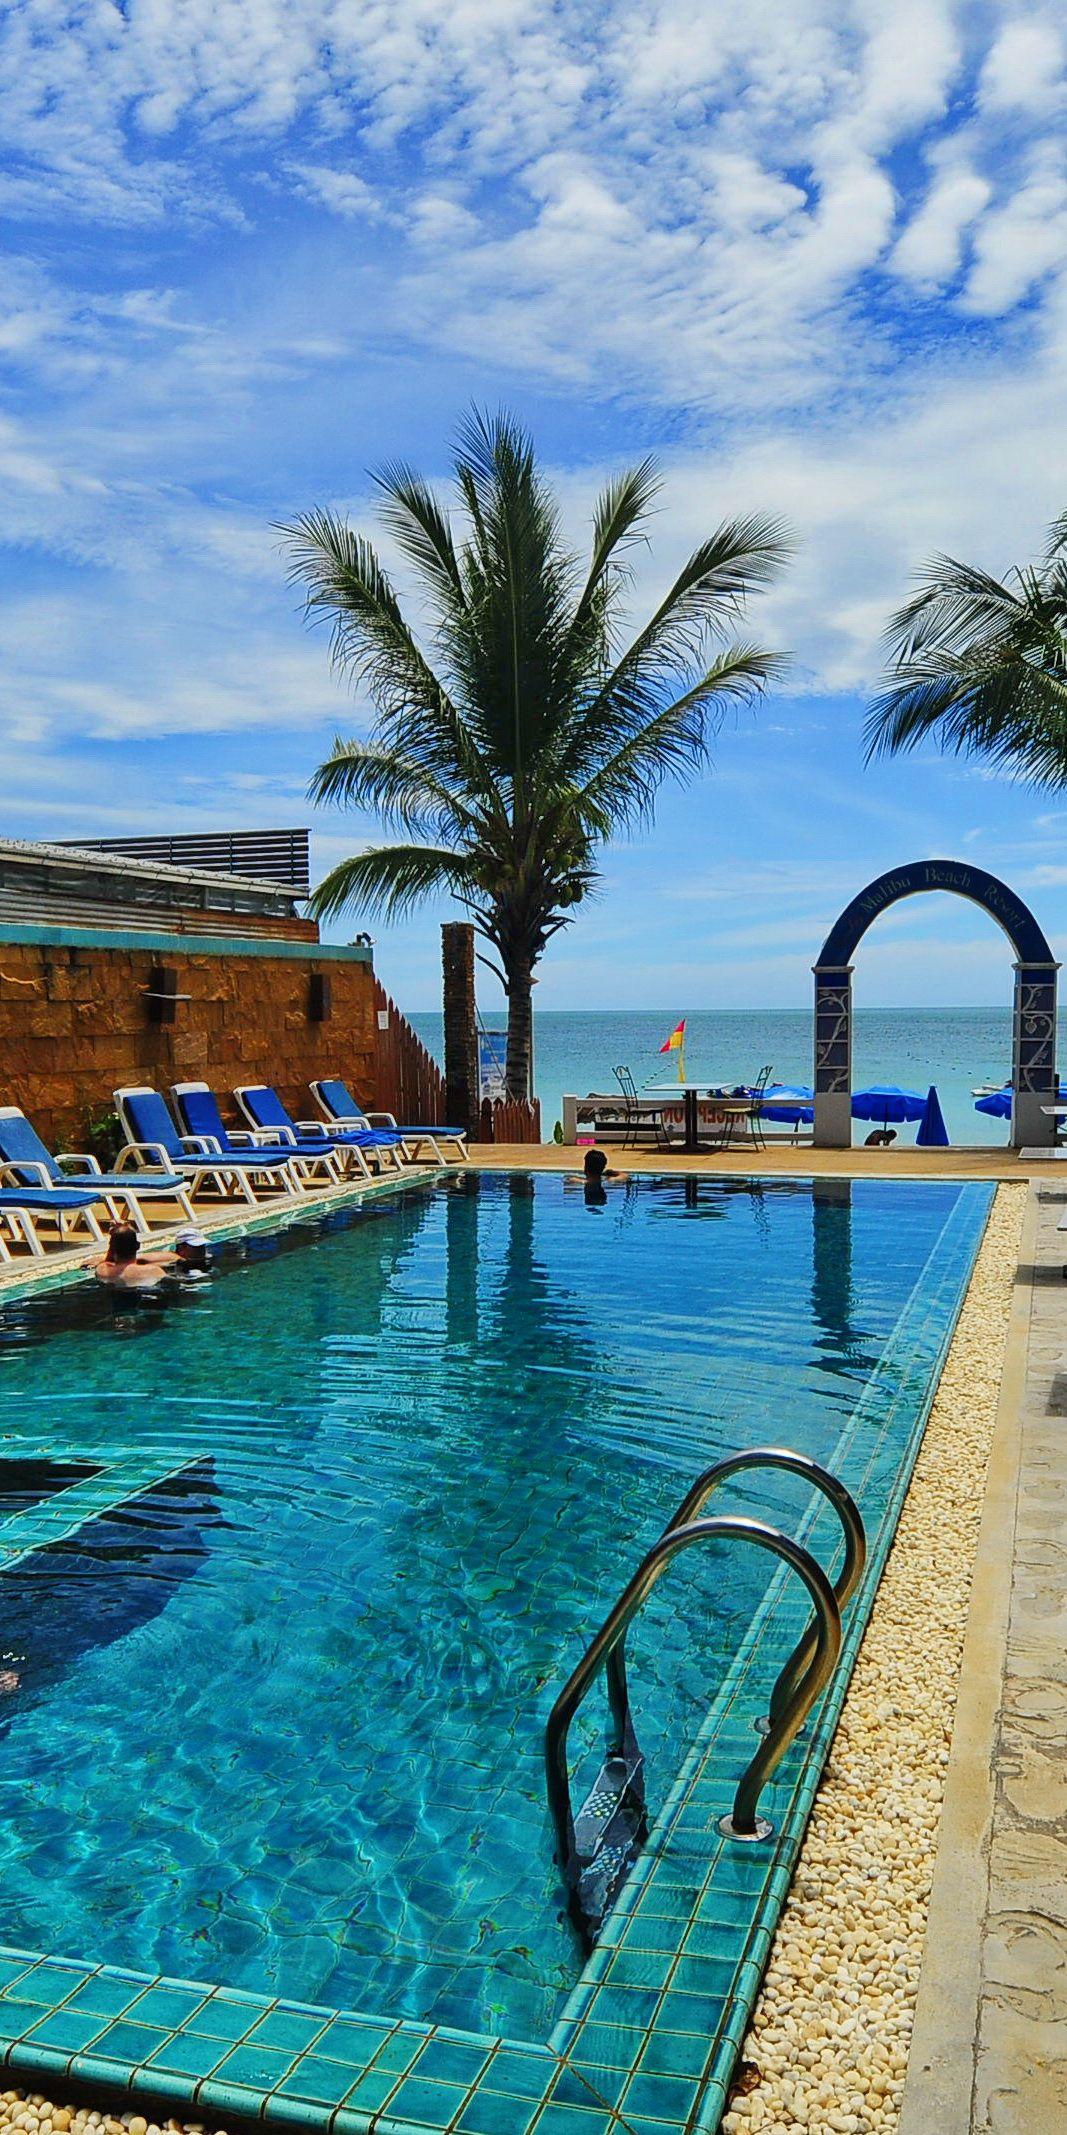 Malibu Beach Resort. Chaweng Beach. Koh Samui. Thailand   Chaweng beach. Malibu beaches. Beach resorts